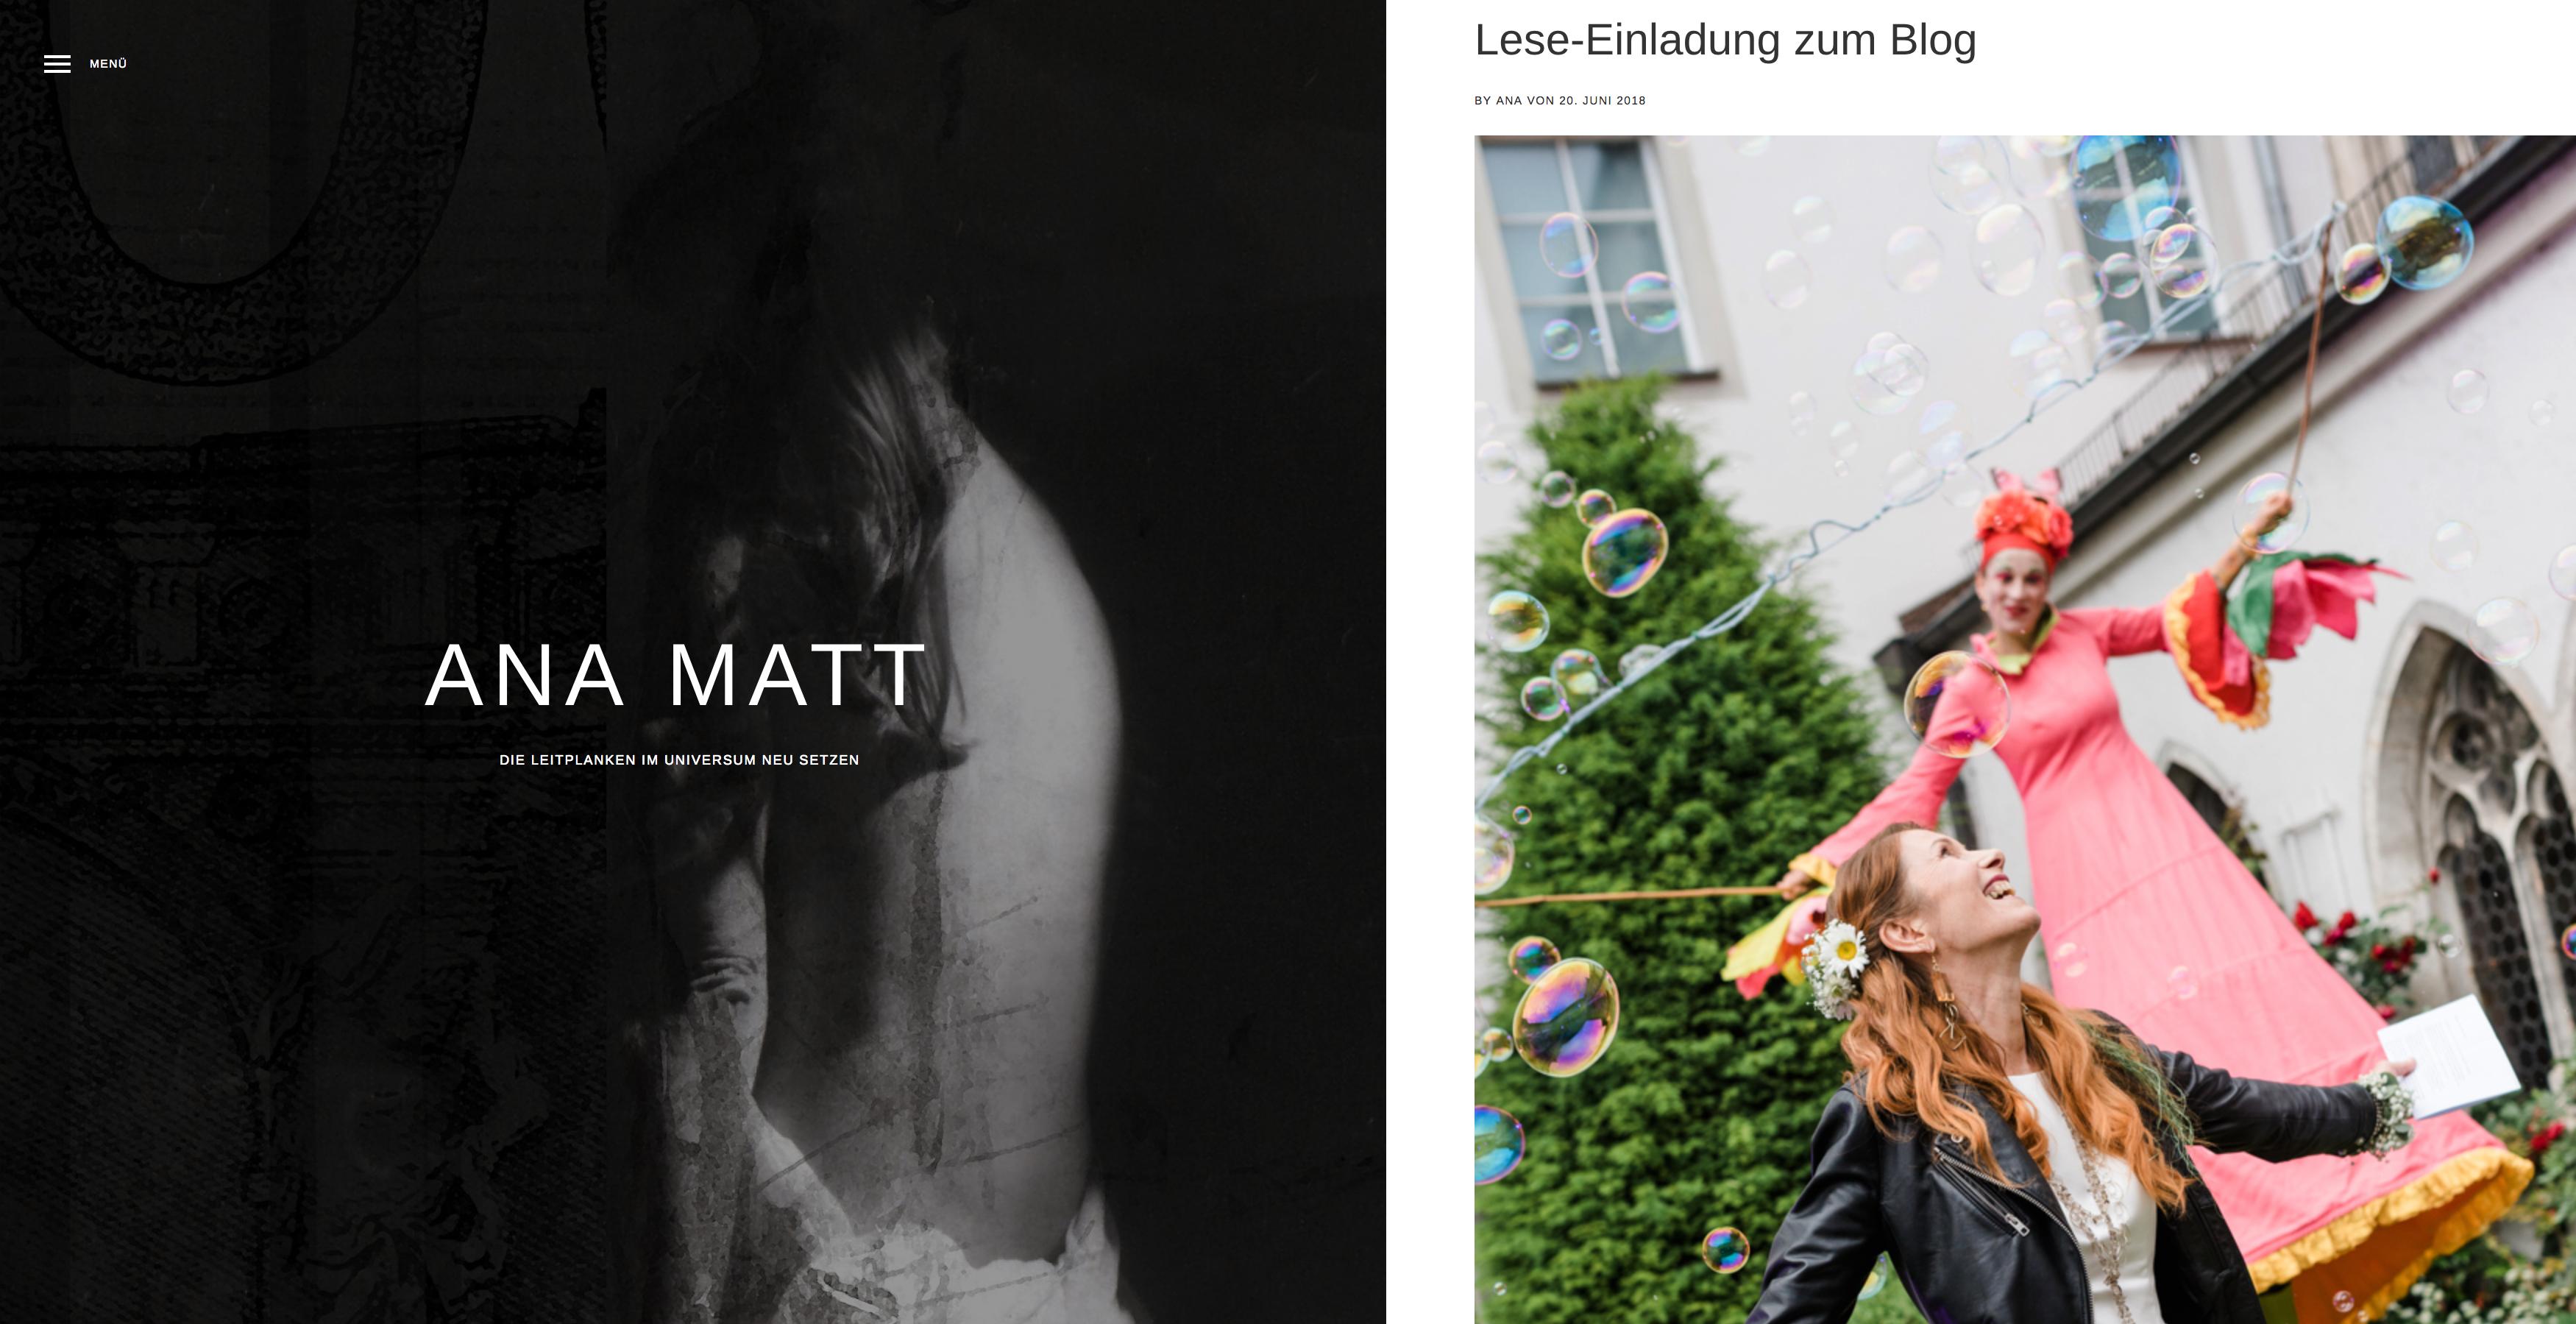 Bildschirmfoto von Ana Matts Blog